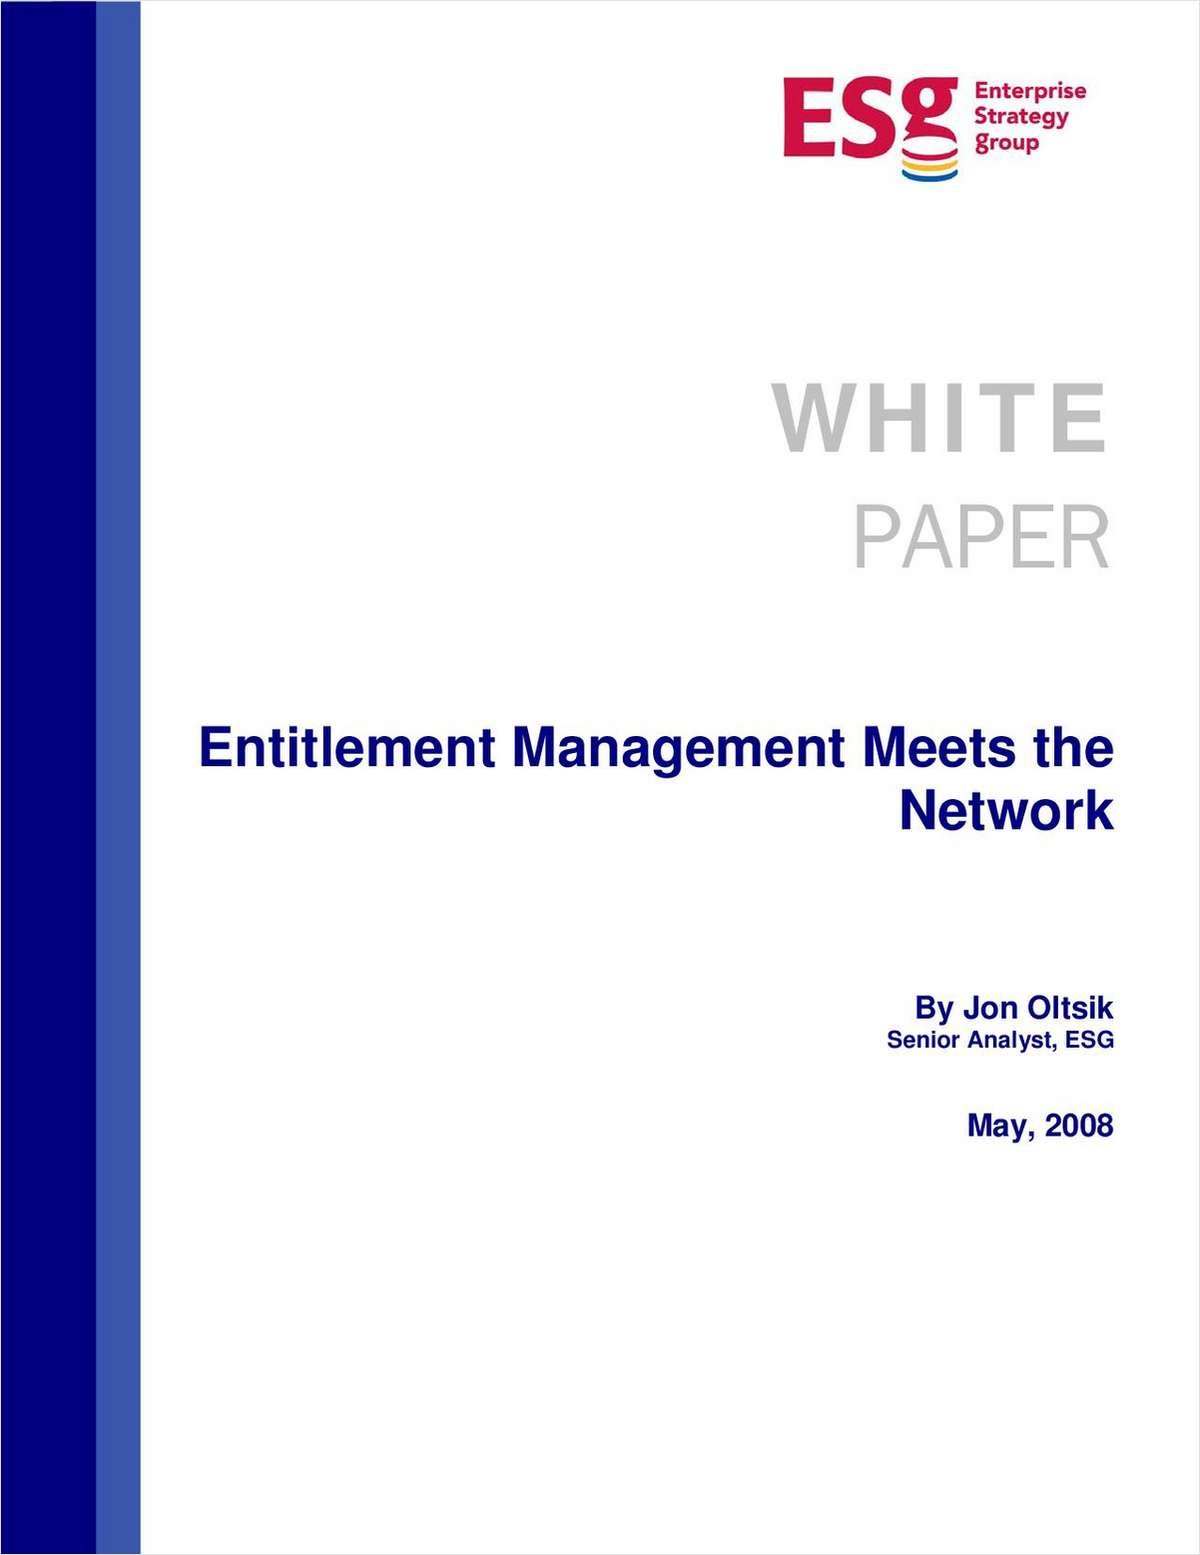 Entitlement Management Meets the Network